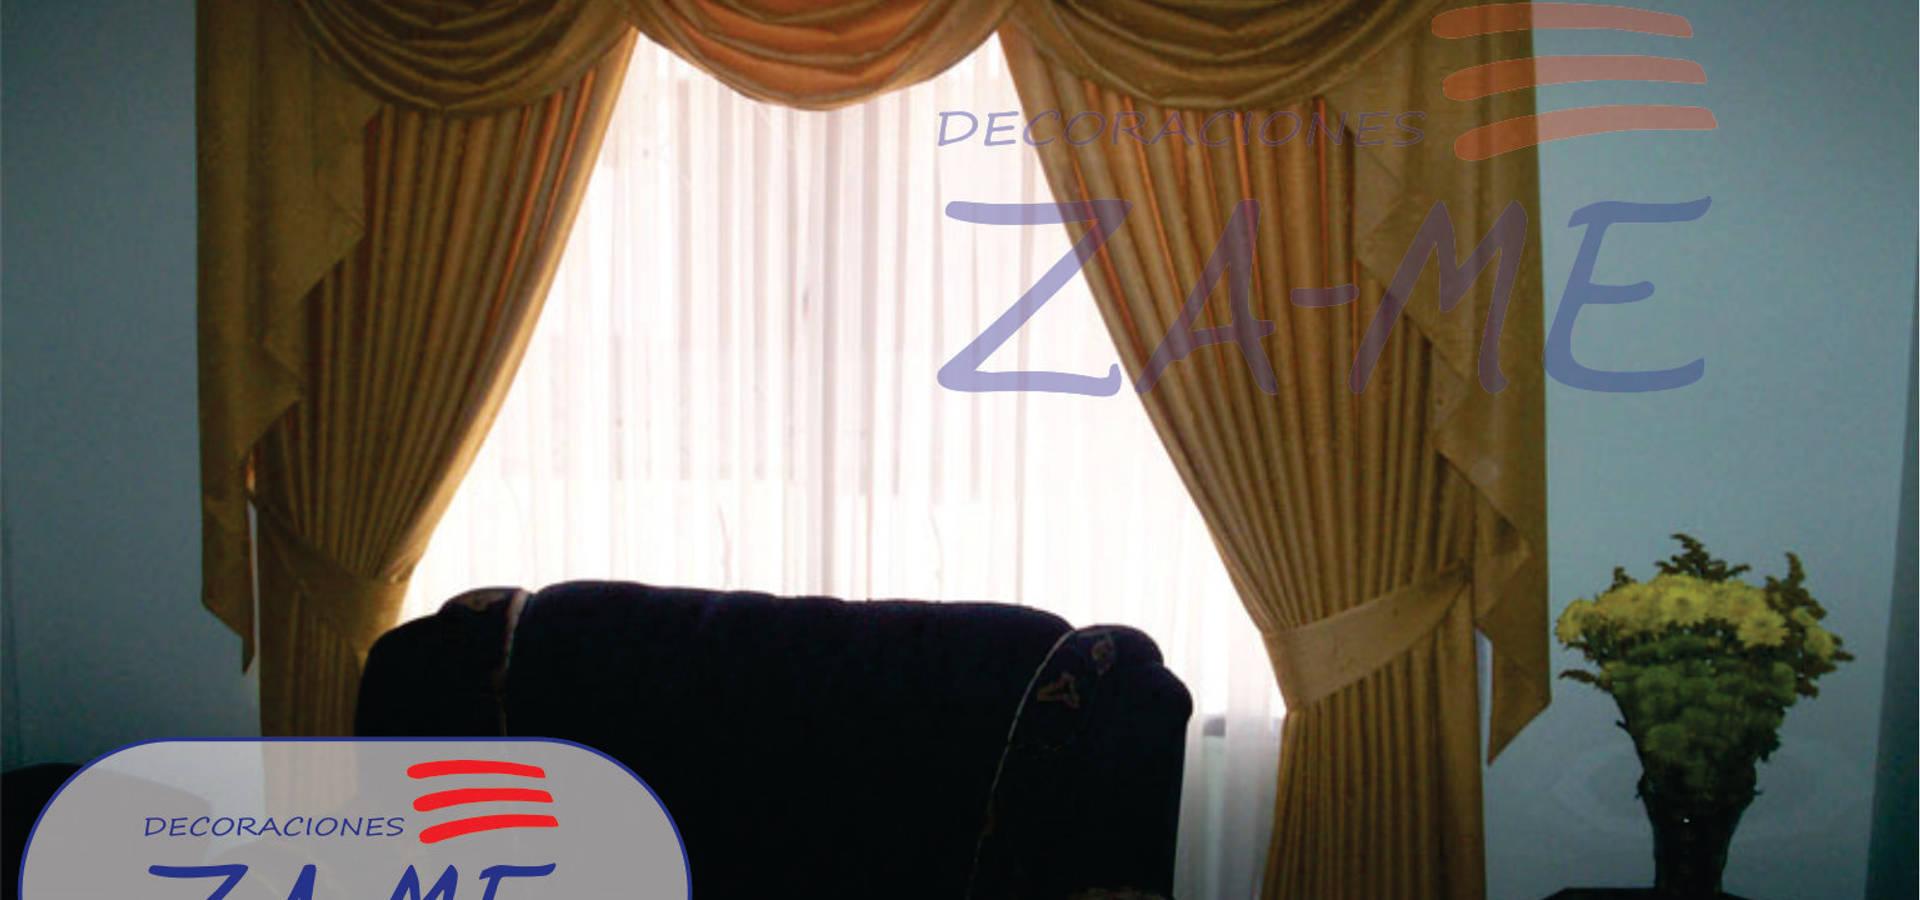 Decoraciones ZA-ME